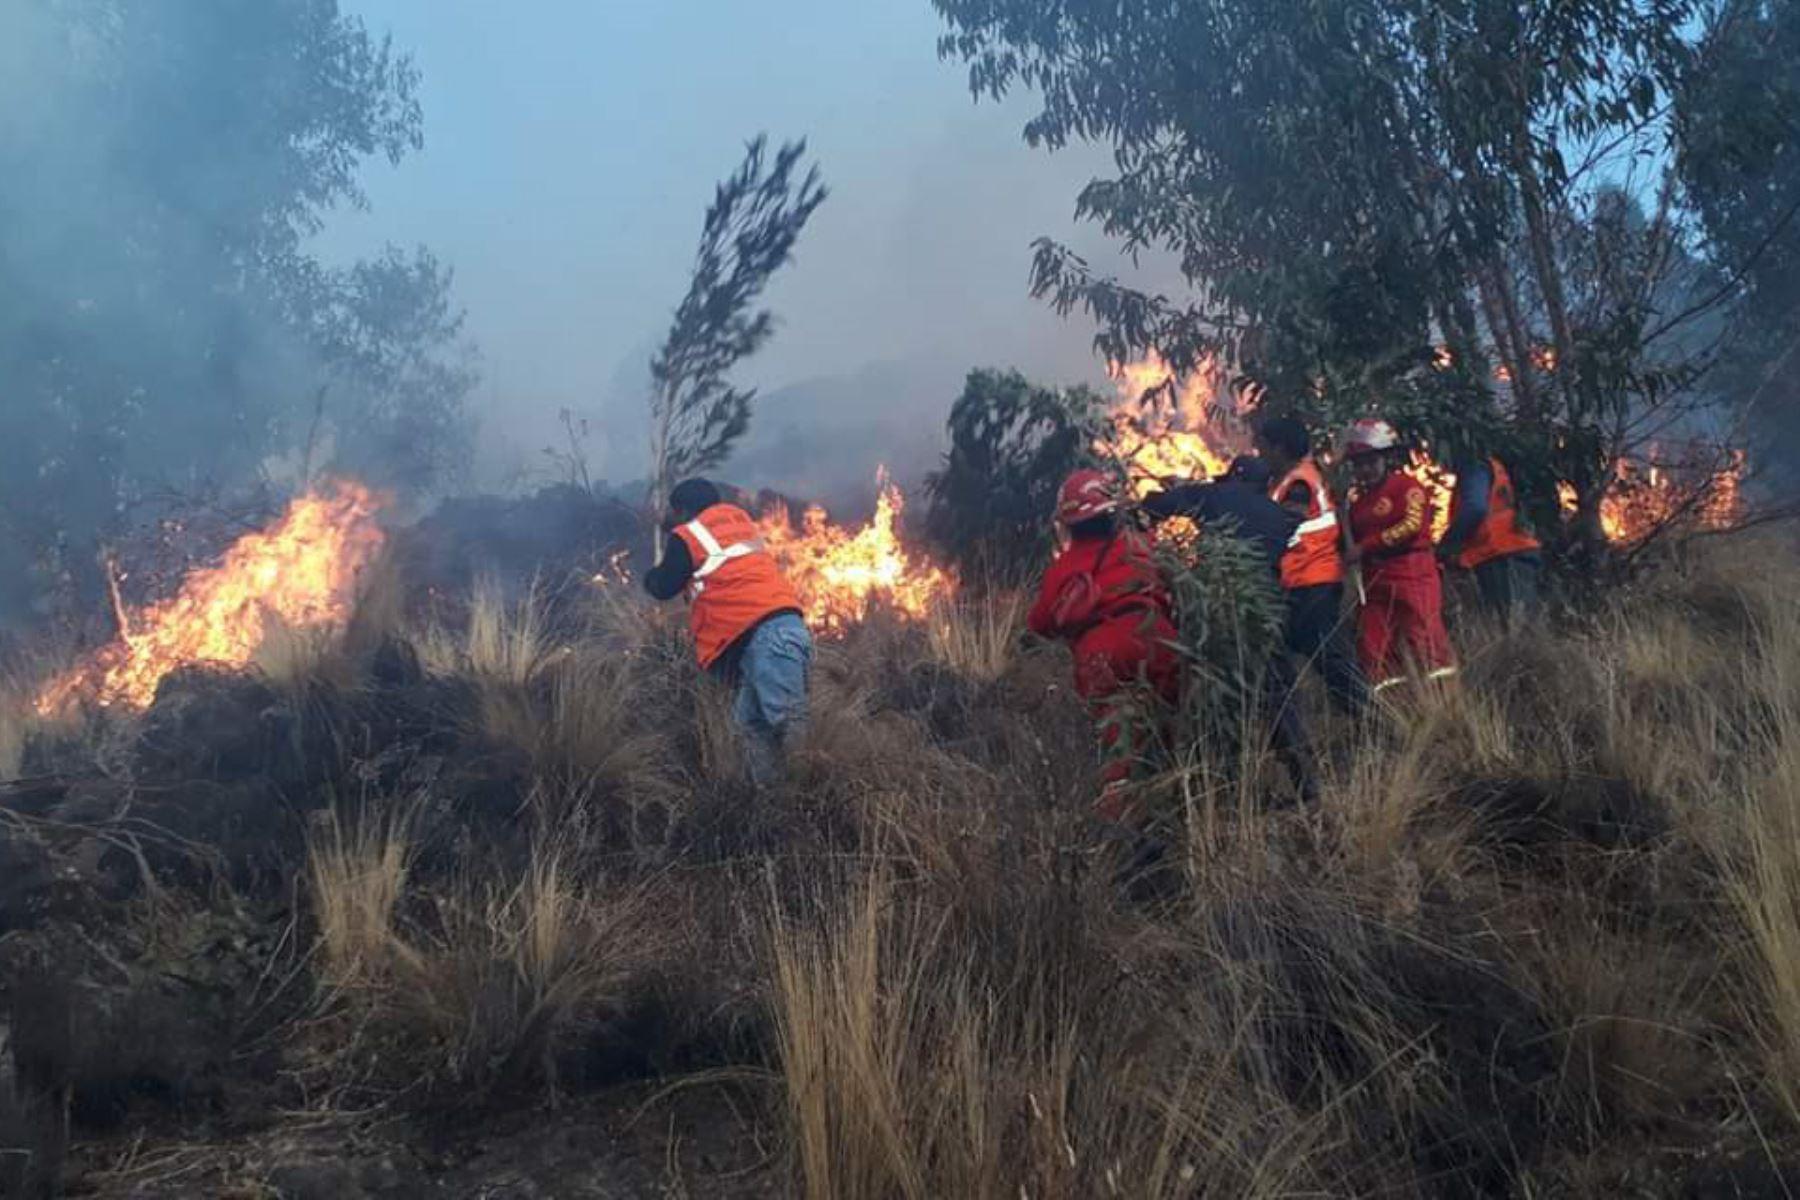 El Indeci informó que los incendios forestales registrados en Puno, Áncash y Cusco dejaron seis familias damnificadas y un herido. Fotos: ANDINA/Difusión